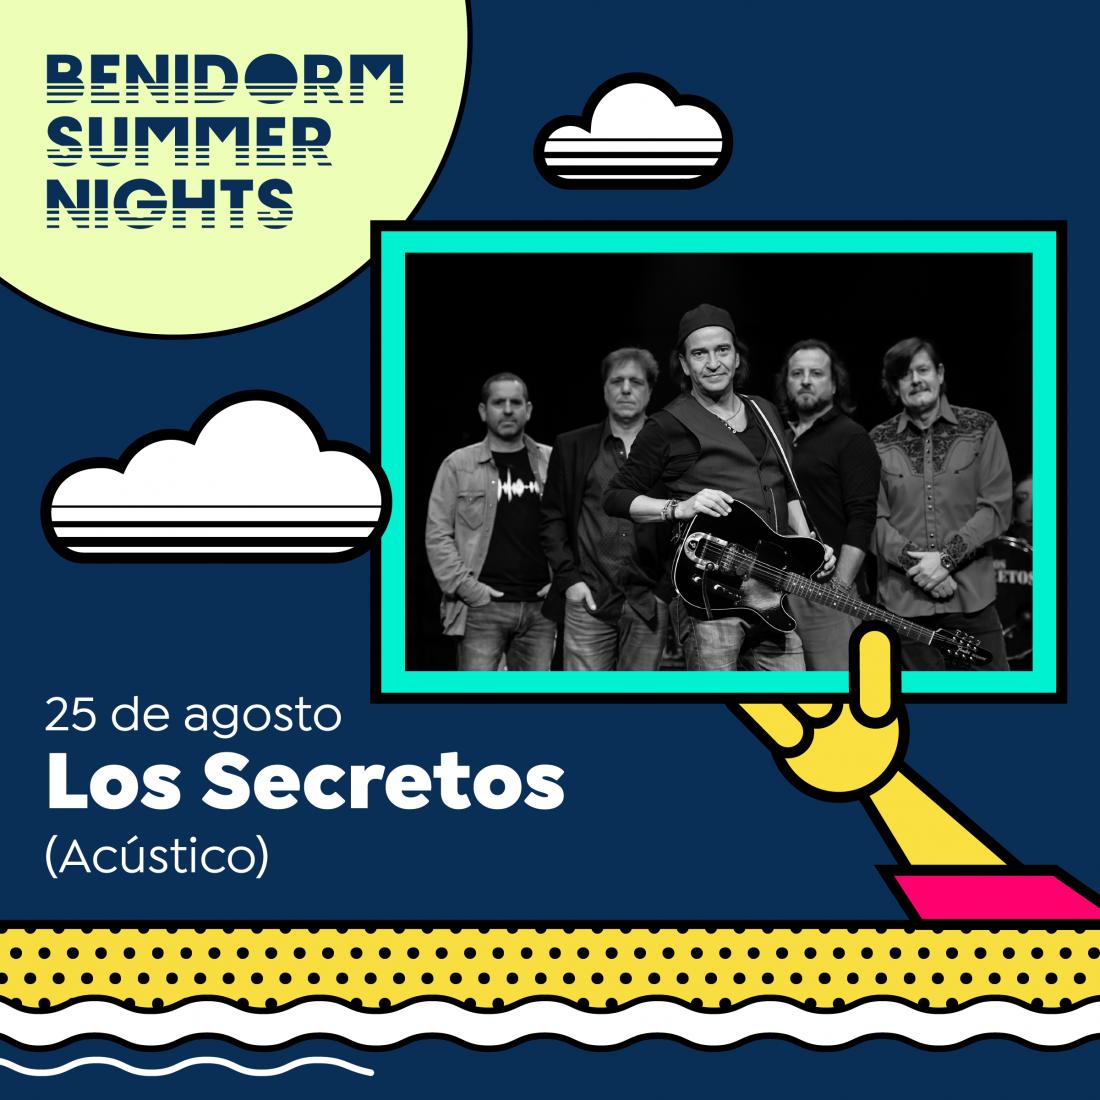 Amaral, Los Secretos y Comandante Lara se suman al cartel de Benidorm Summer Nights en MÚSICA